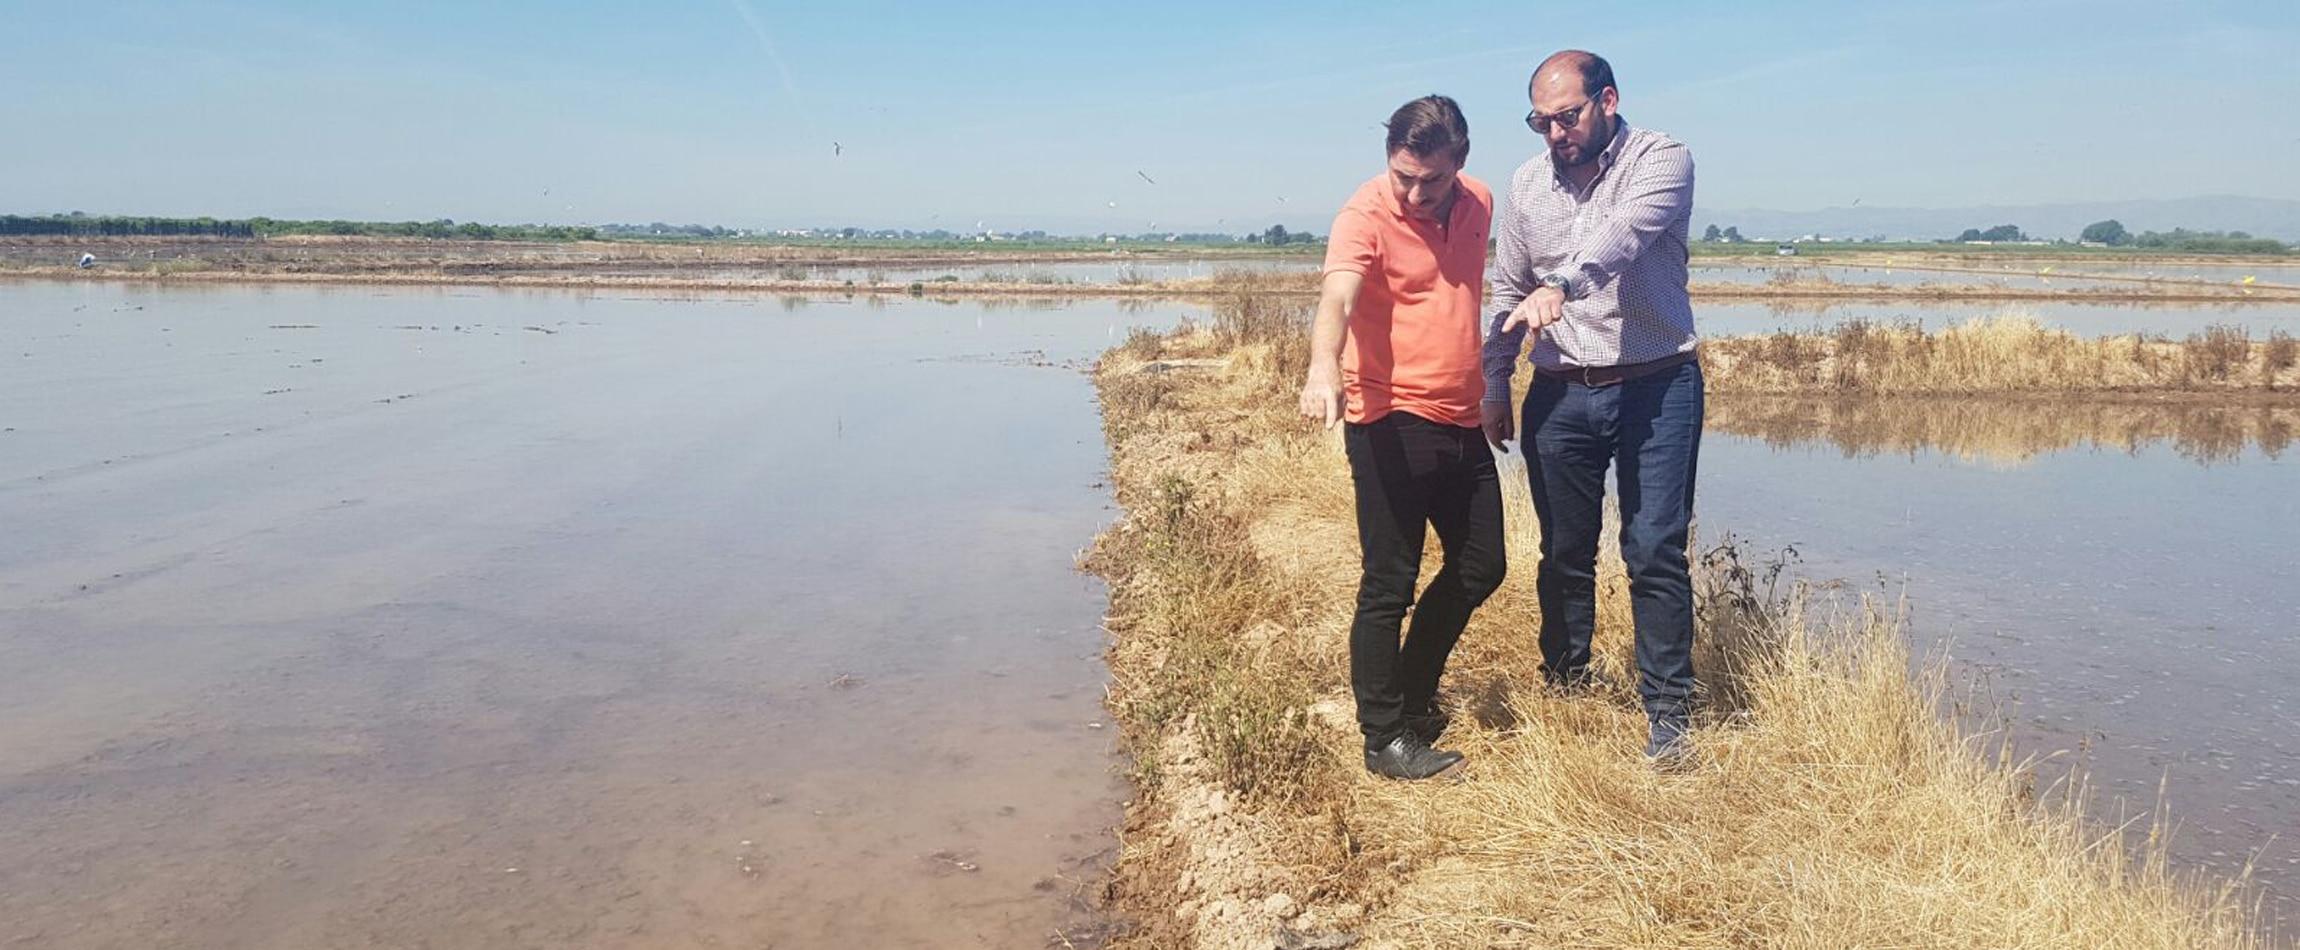 jordi-roca-visita-los-arrozales-de-la-albufera-valenciana